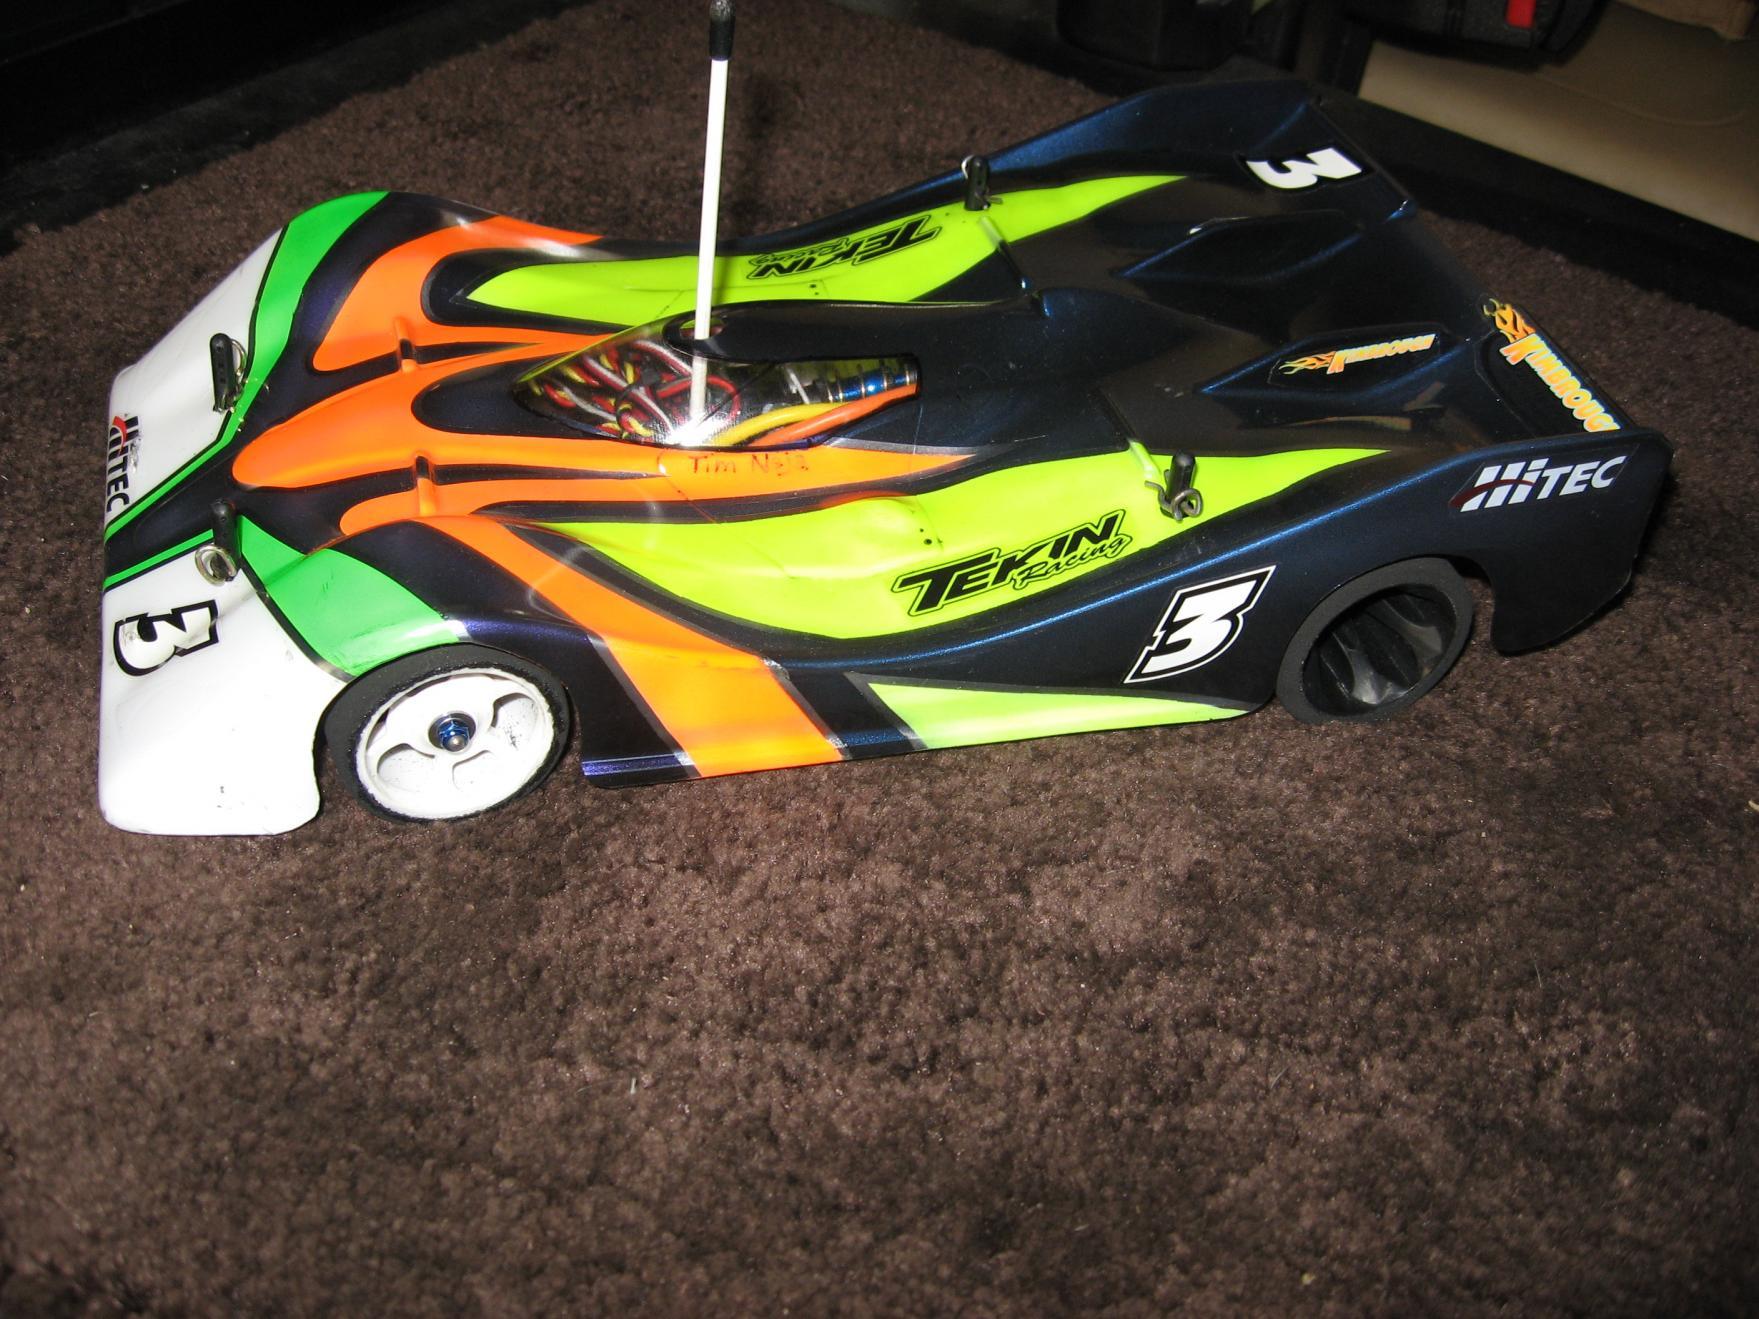 rc cars racing - HD1759×1319